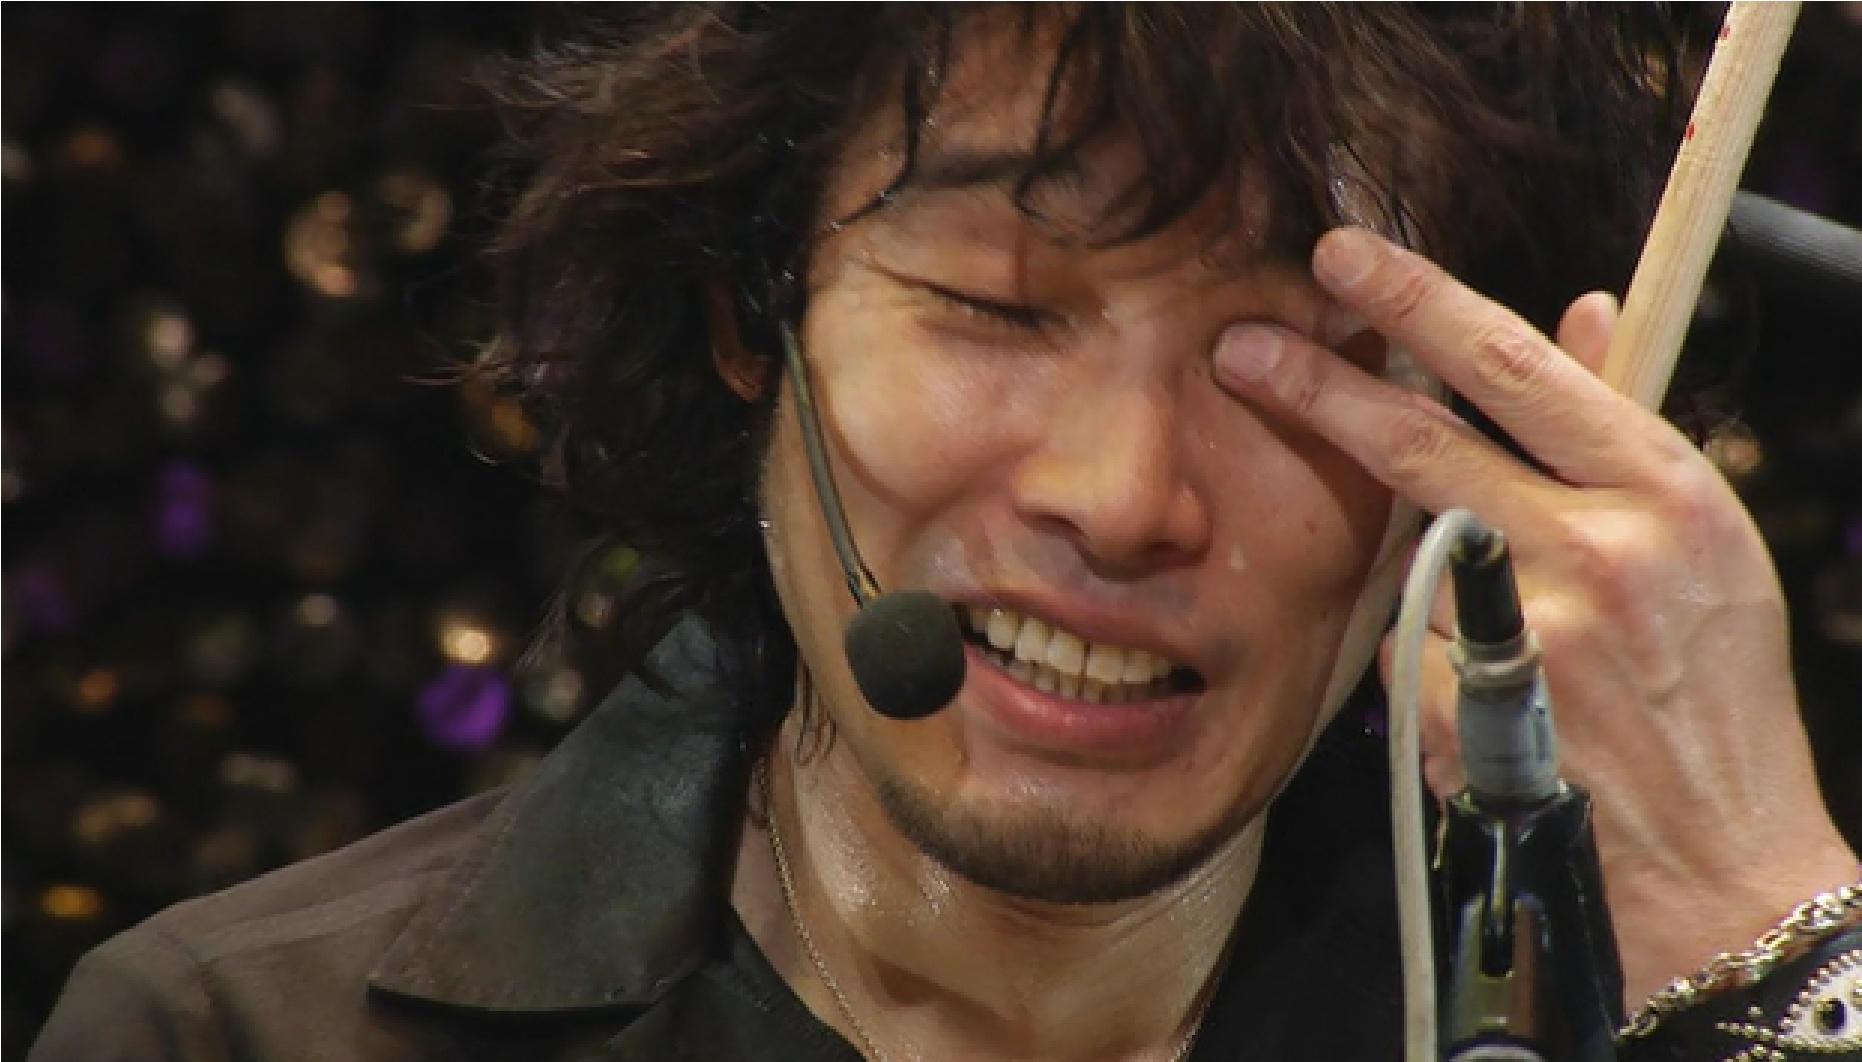 【虹】 「KAZUYOSHI SAITO LIVE TOUR 2011-2012 '45 STONES' at 日本武道館2012.2.11」 http://t.co/FSdJ1M3ZrK